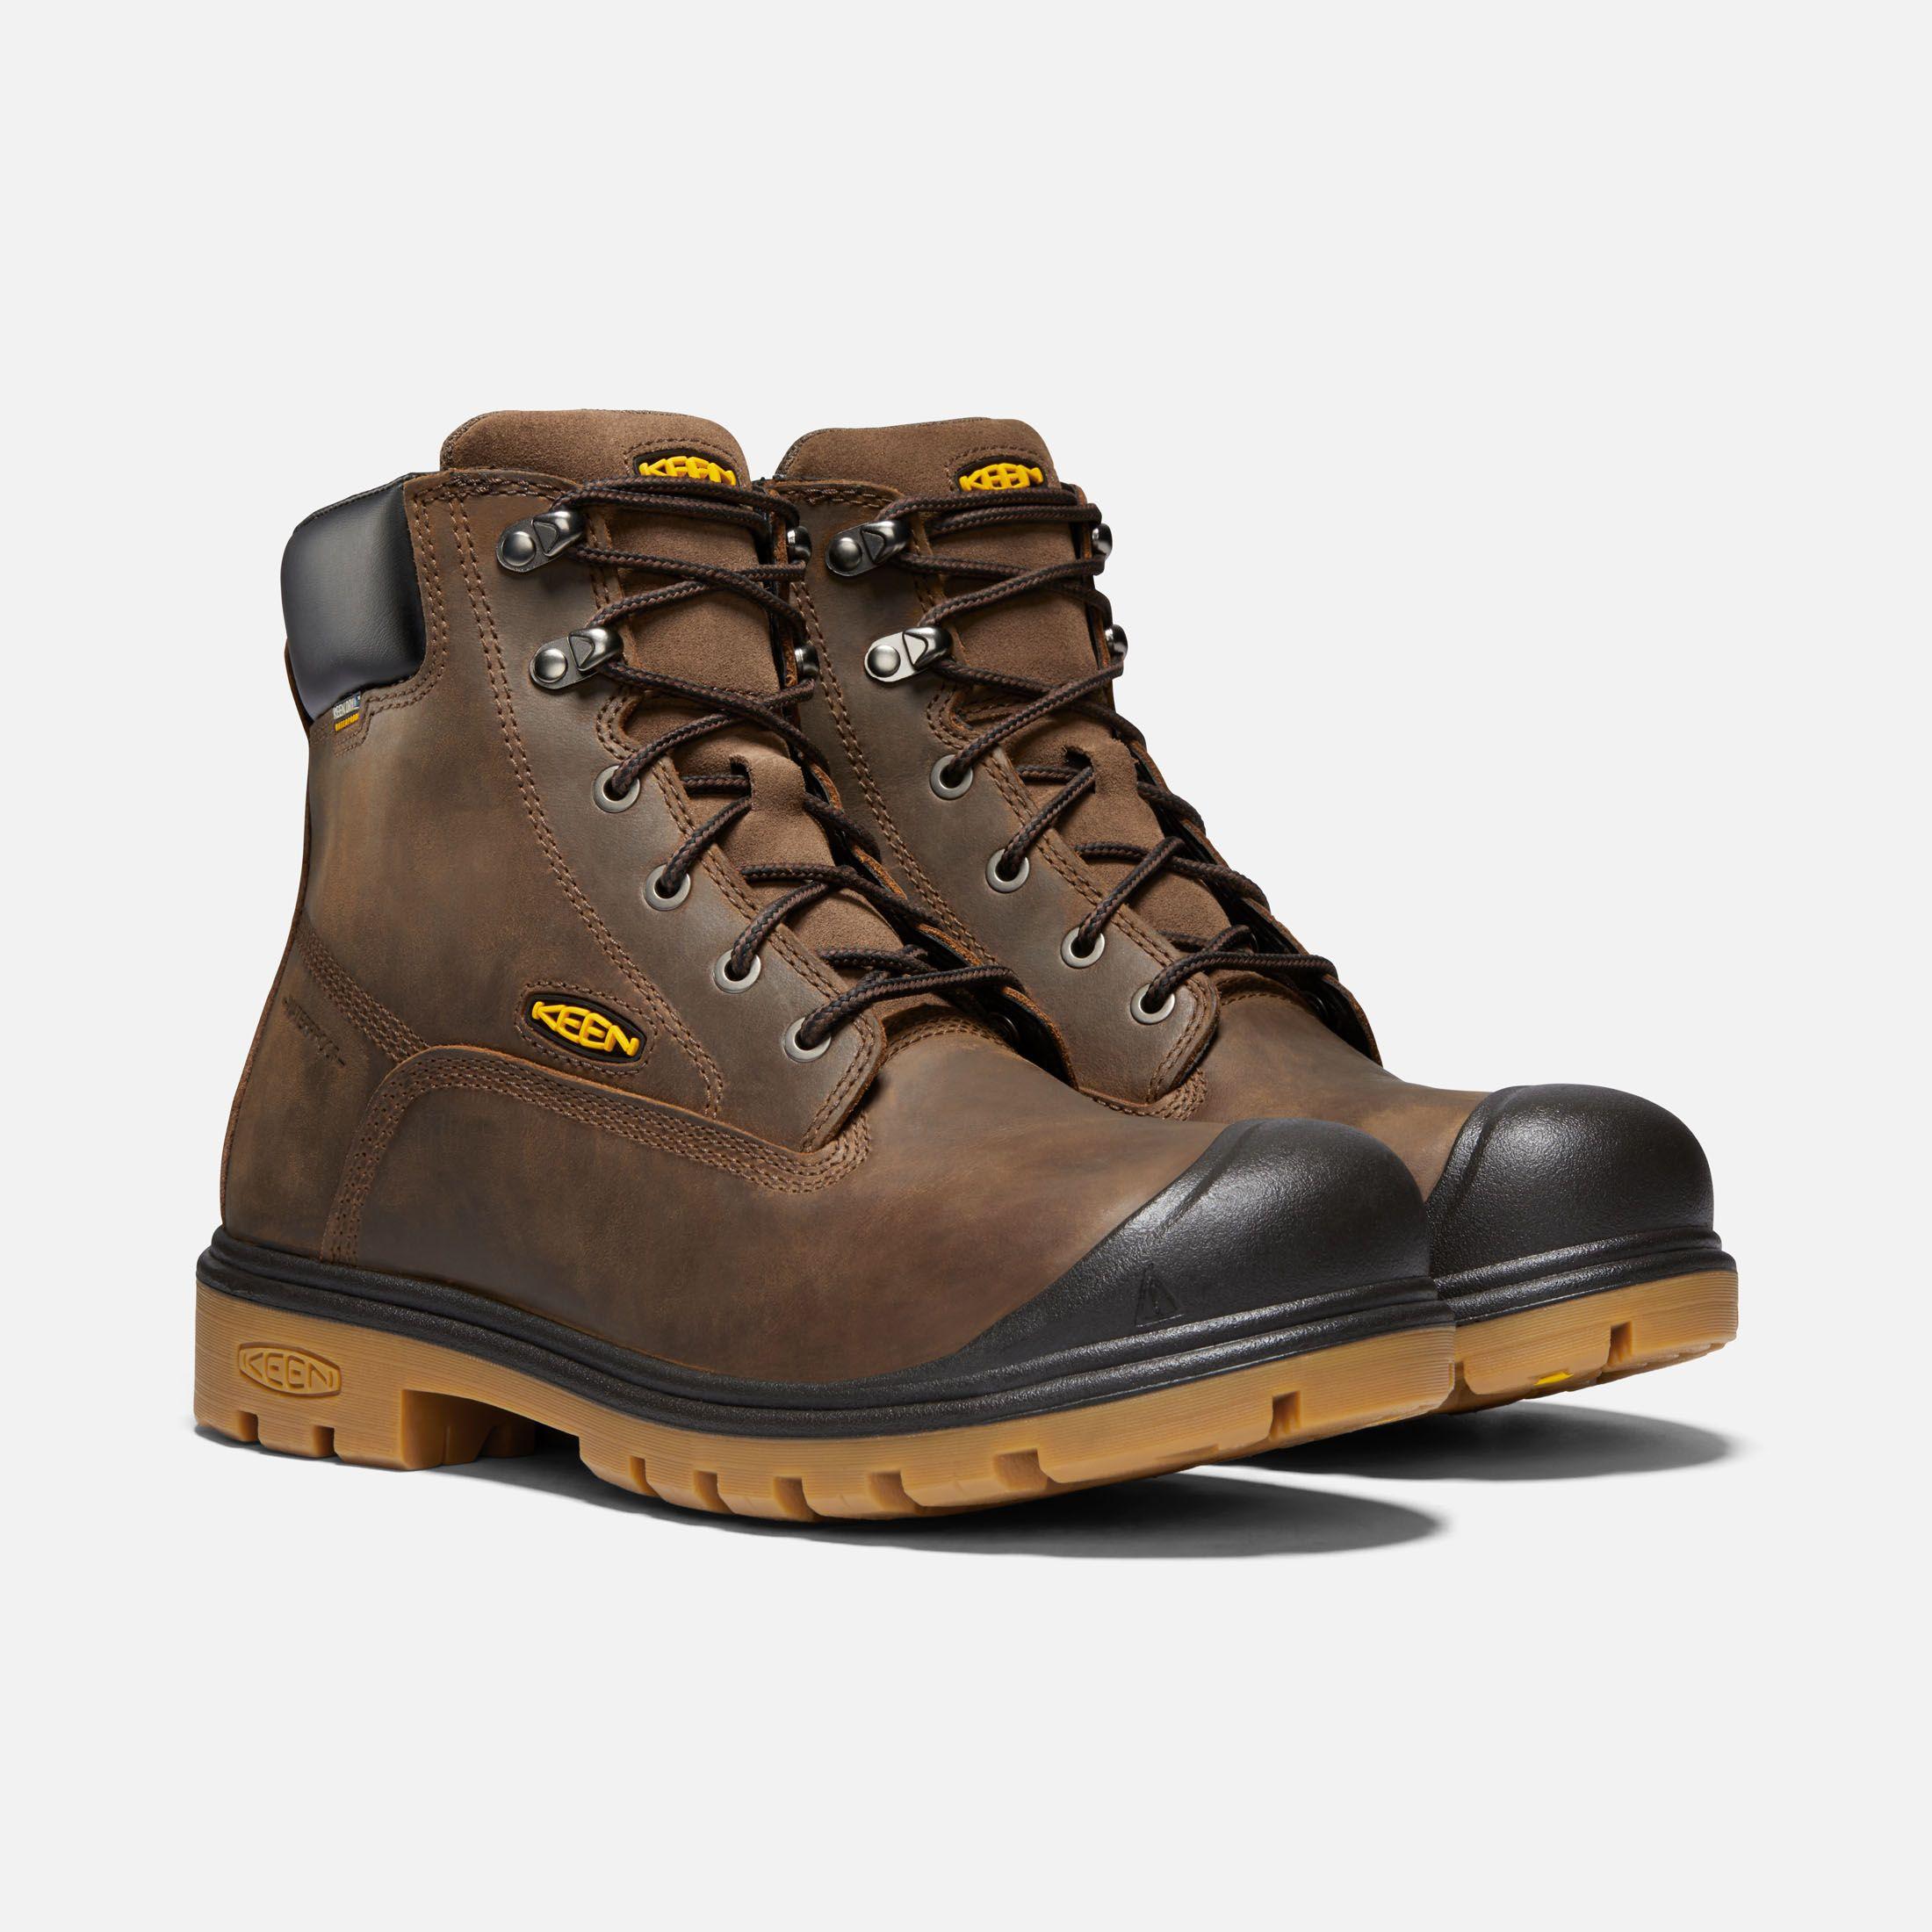 Keen Men S Waterproof Boots Baltimore 6 Soft Toe 9 Wide